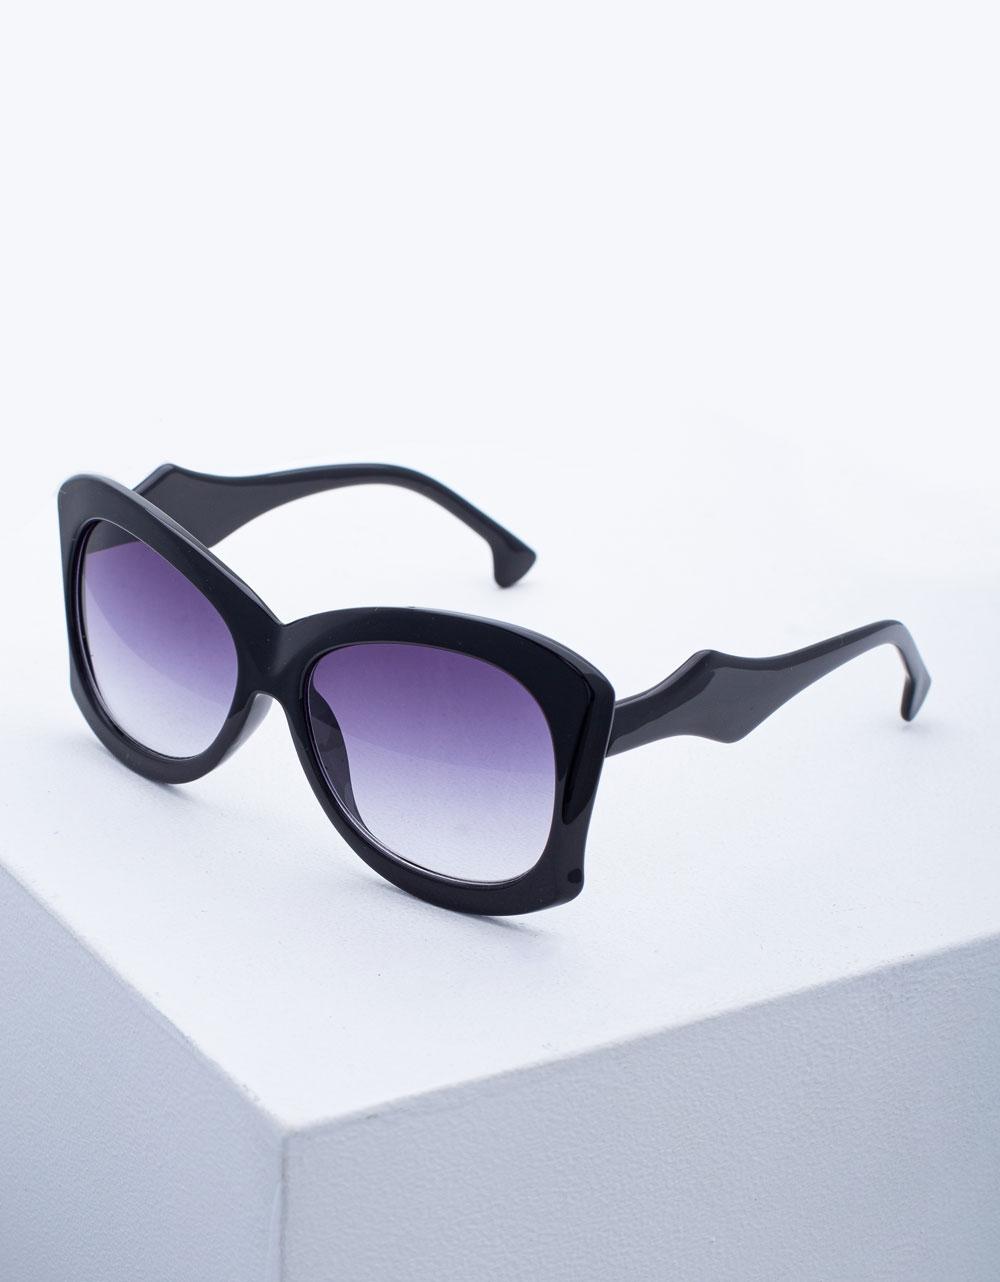 Εικόνα από Γυναικεία γυαλιά ηλίου σε συνδυασμό χρωμάτων Μαύρο